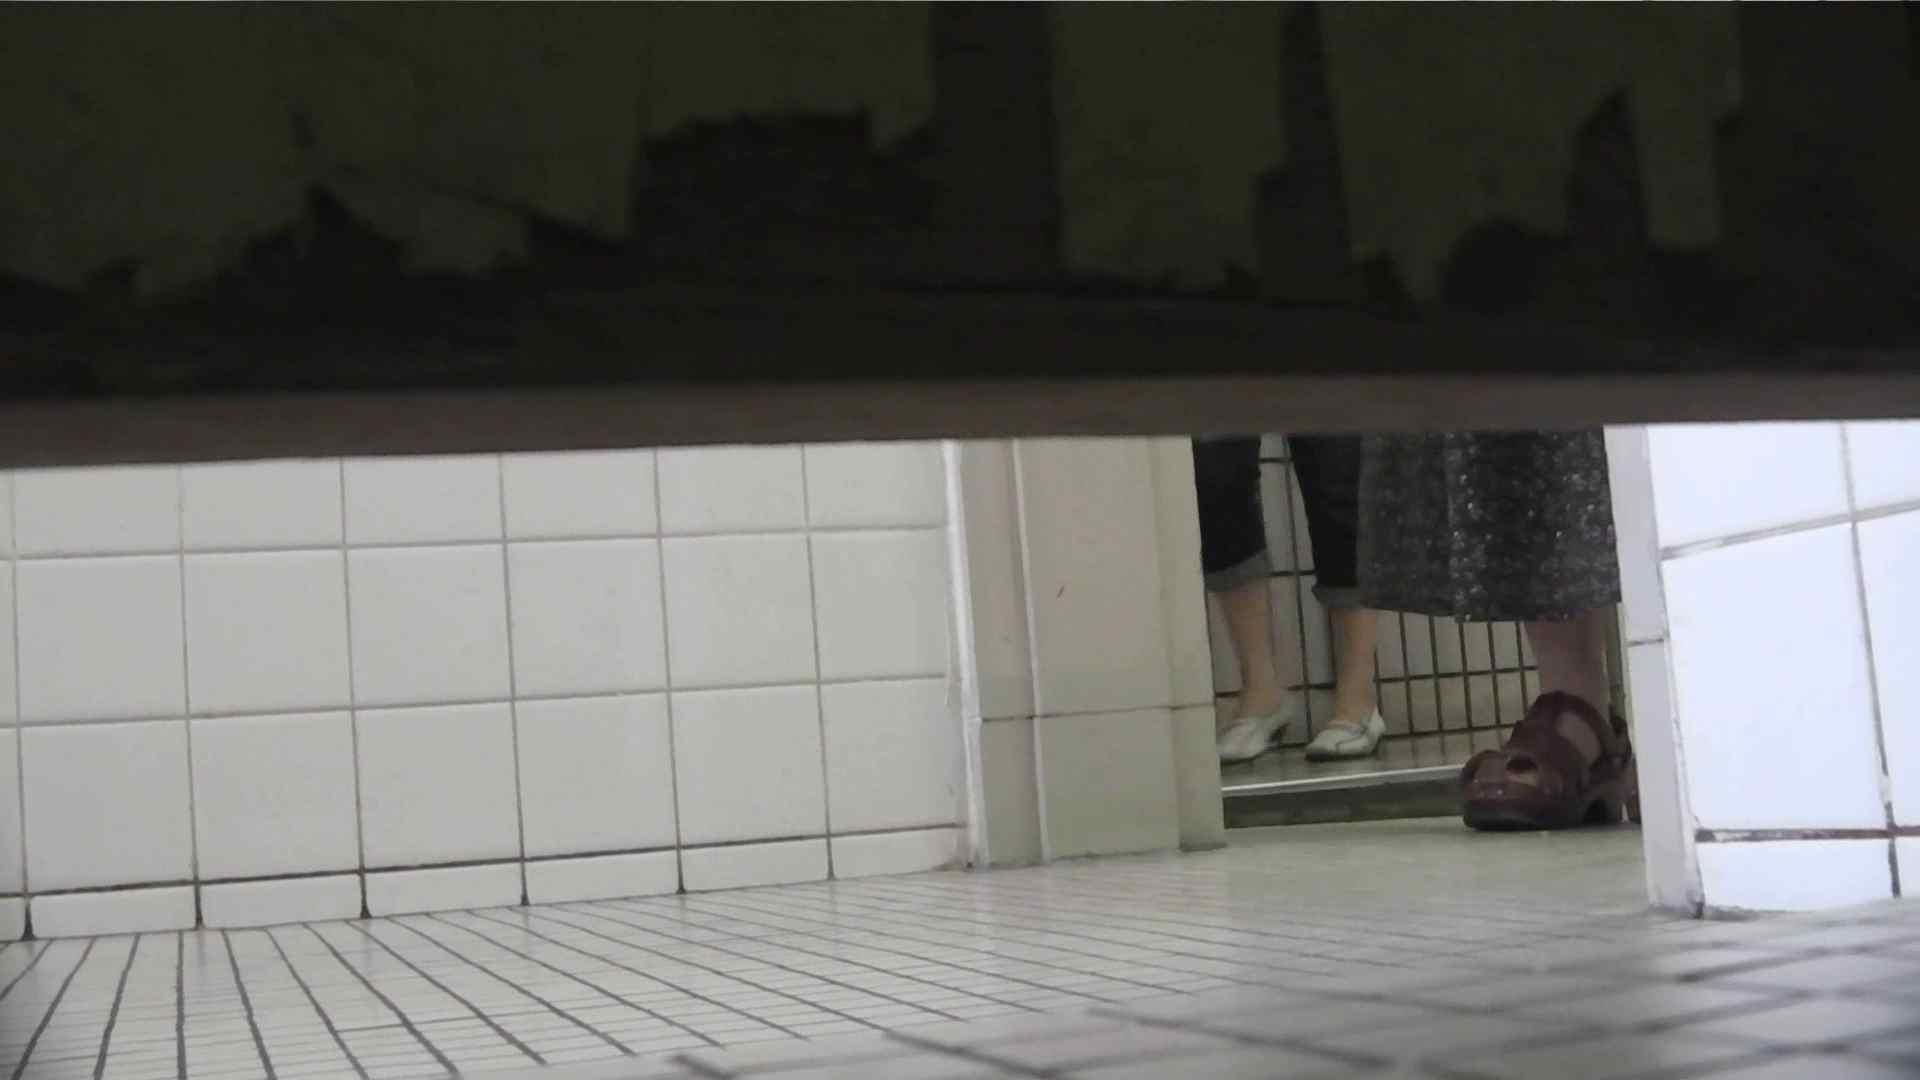 【美しき個室な世界】 vol.018 ピンクのおネエタン OLの実態  52pic 50